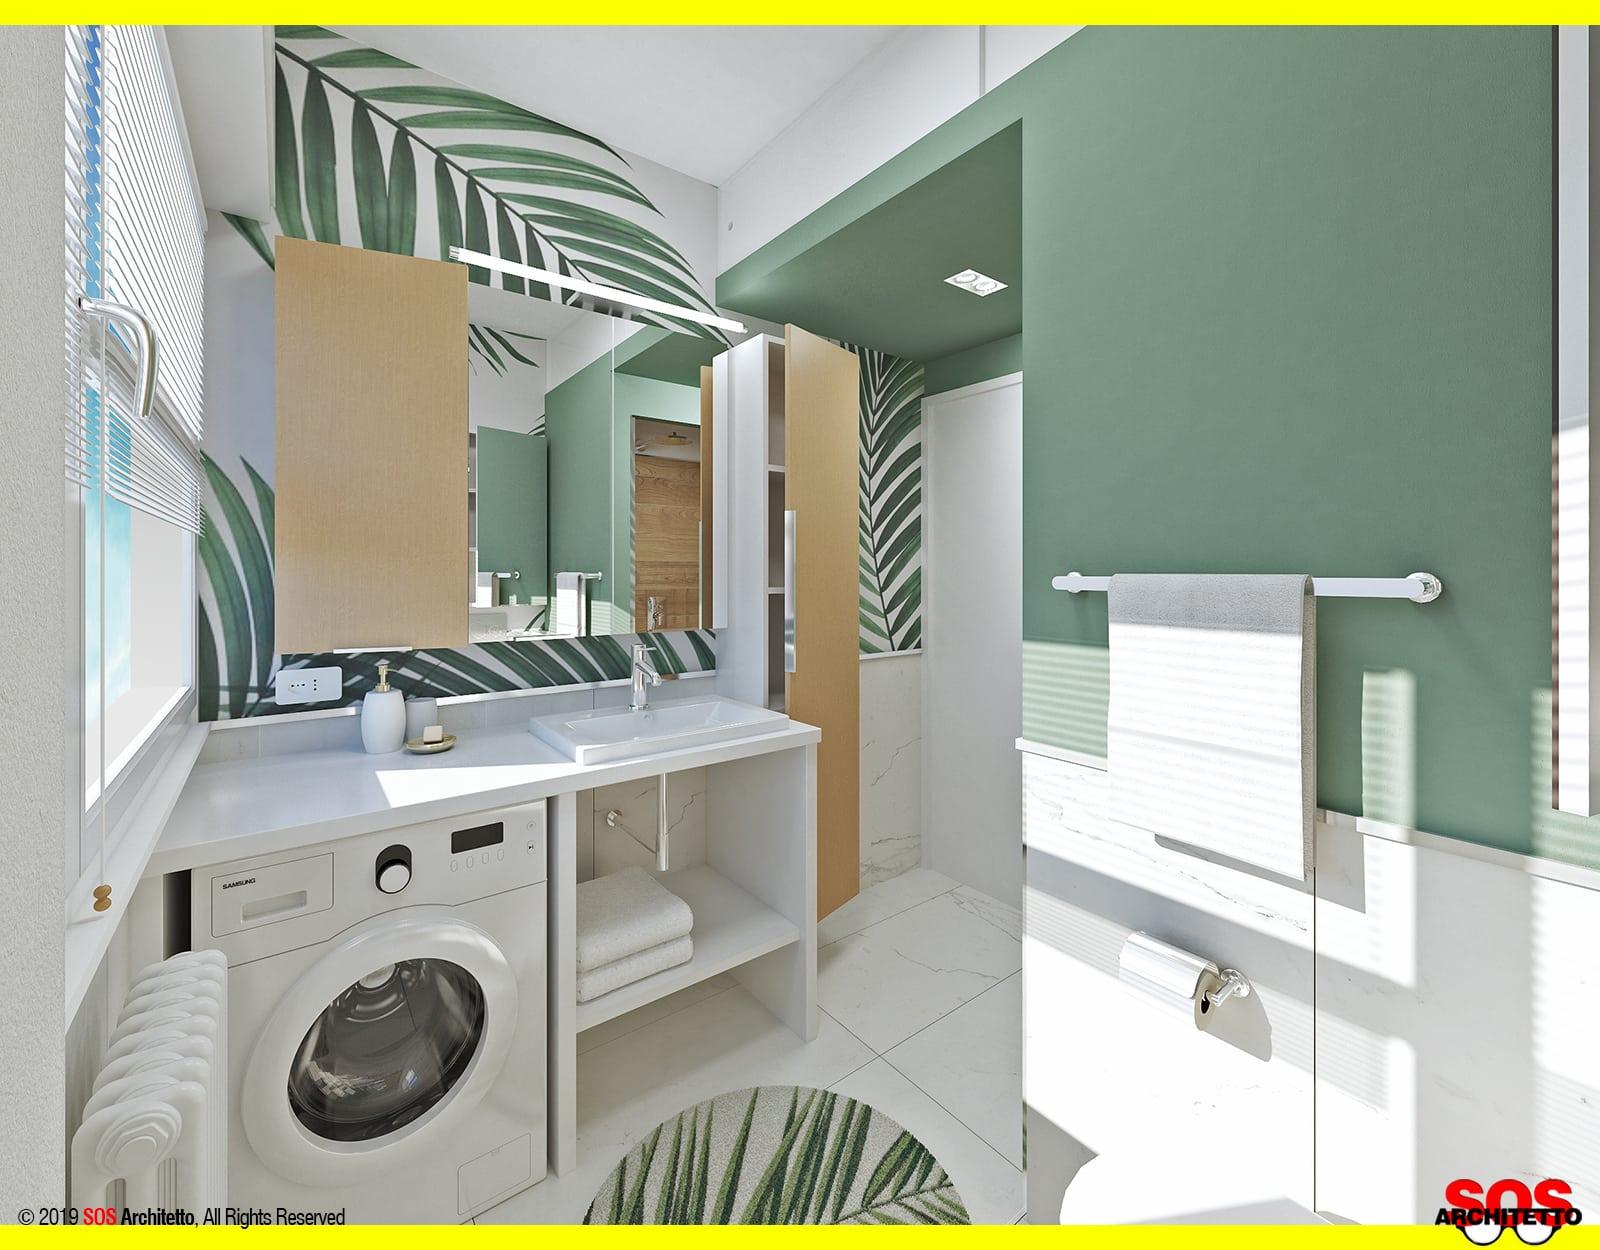 Immagini Di Bagni Piccoli bagno piccolo con lavatrice - idee low cost - sos architetto